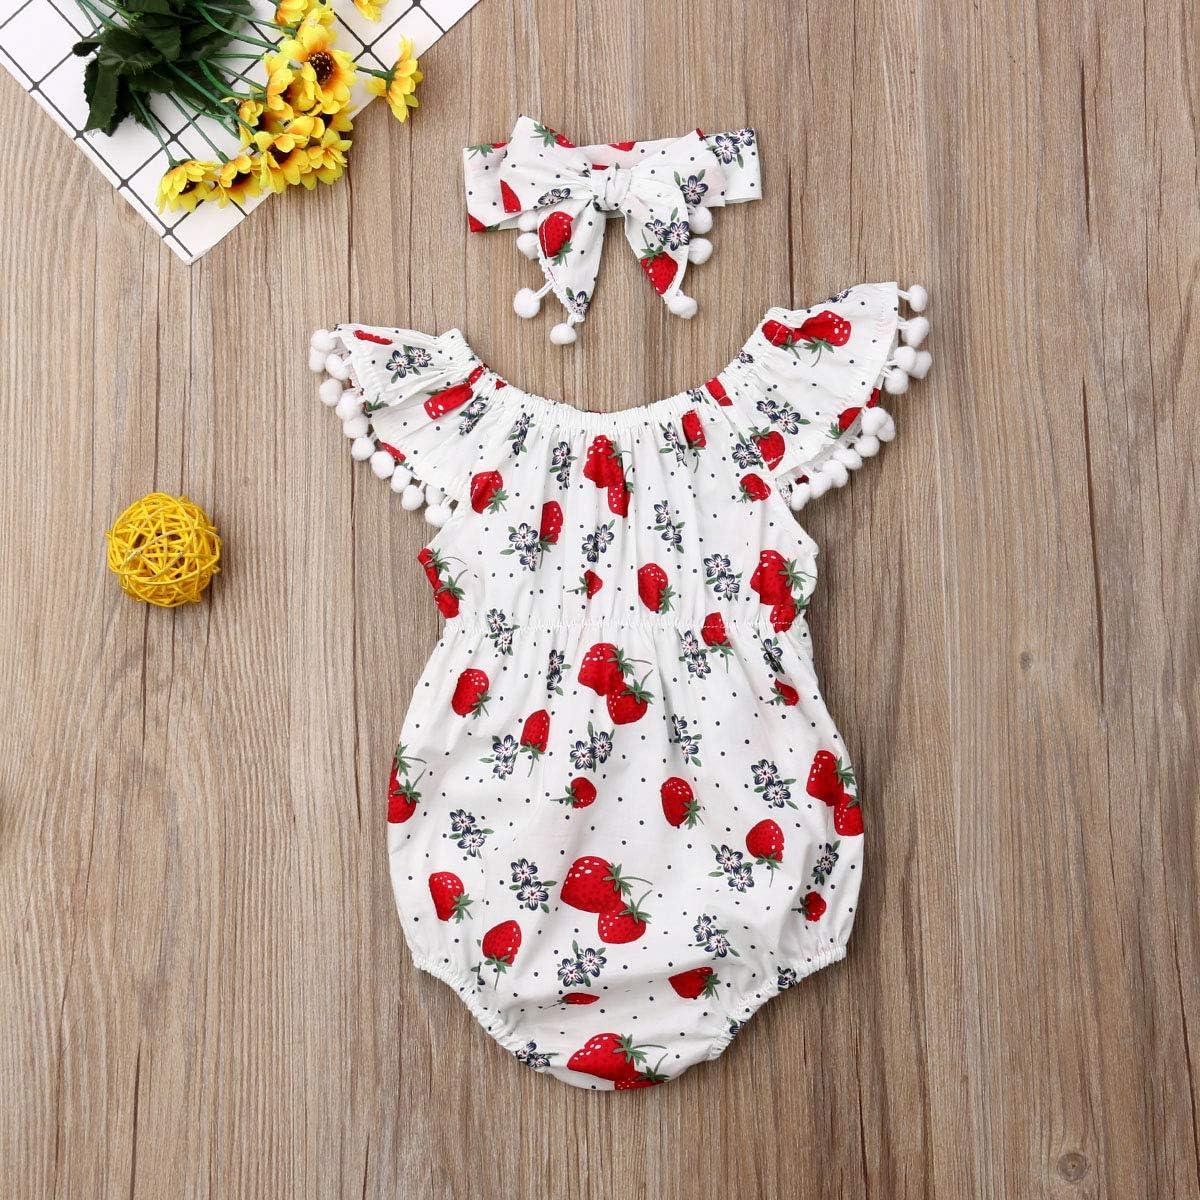 Newborn Infant Baby Girl Clothes Lace Halter Backless Jumpsuit Romper Bodysuit Sunsuit Outfits Set